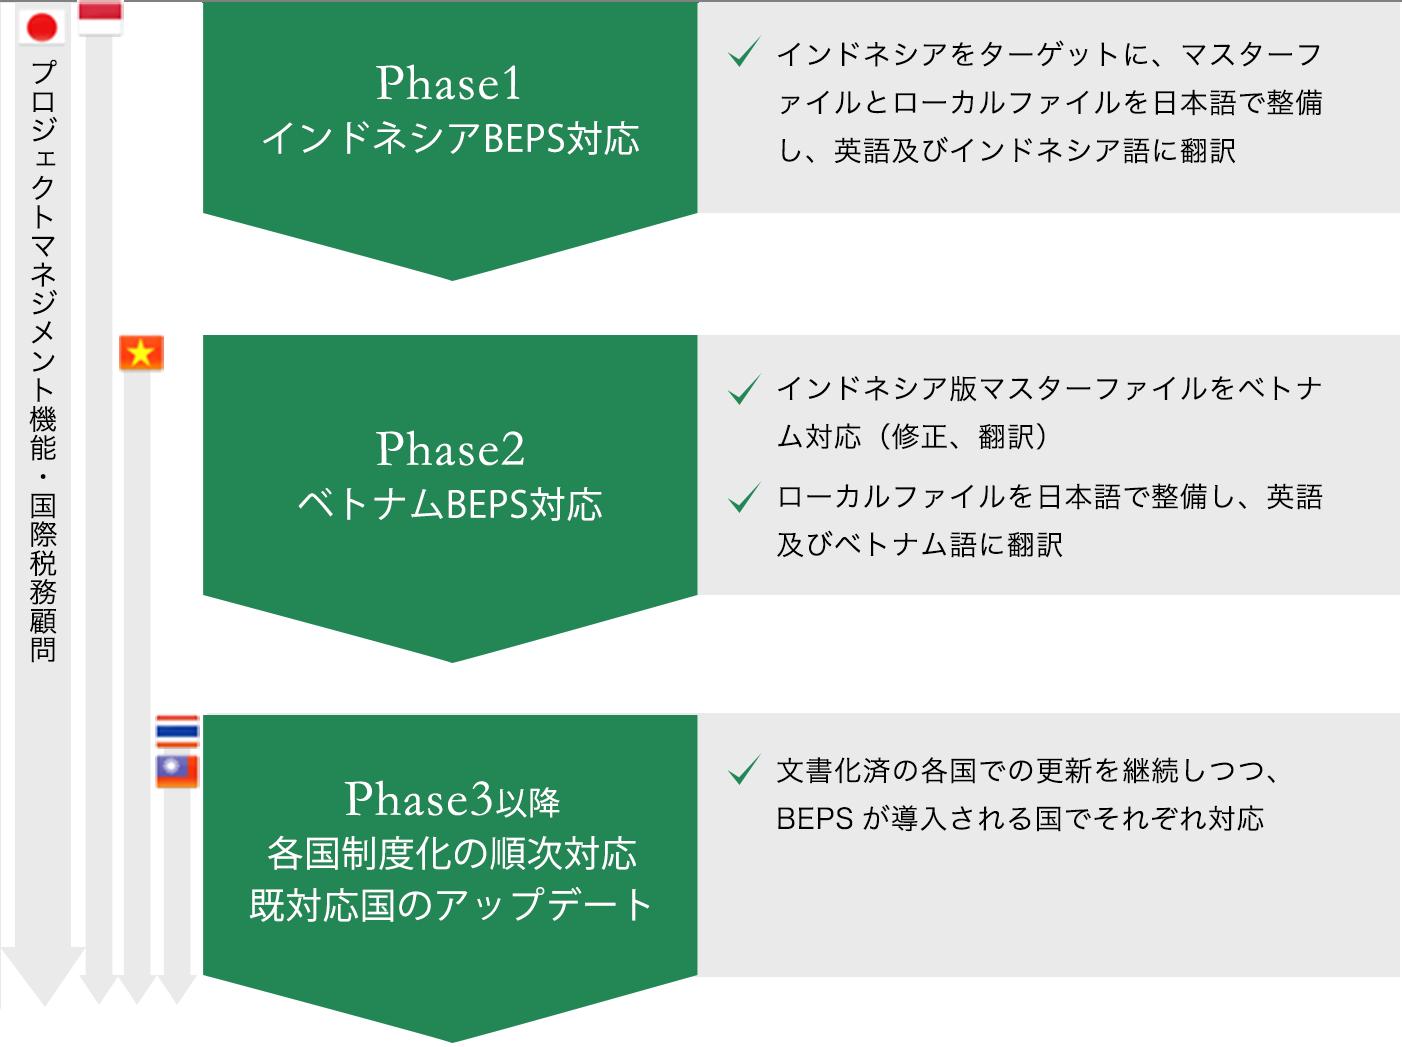 Phase1 インドネシアBEPS対応。インドネシアをターゲットに、マスターファイルとローカルファイルを日本語で整備し、英語及びインドネシア語に翻訳。 Phase2 ベトナムBEPS対応。インドネシア版マスターファイルをベトナム対応(修正、翻訳)。ローカルファイルを日本語で整備し、英語及びベトナム語に翻訳。 Phase3以降 各国制度化の順次対応・既対応国のアップデート。文書化済の各国での更新を継続しつつ、BEPSが導入される国でそれぞれ対応。